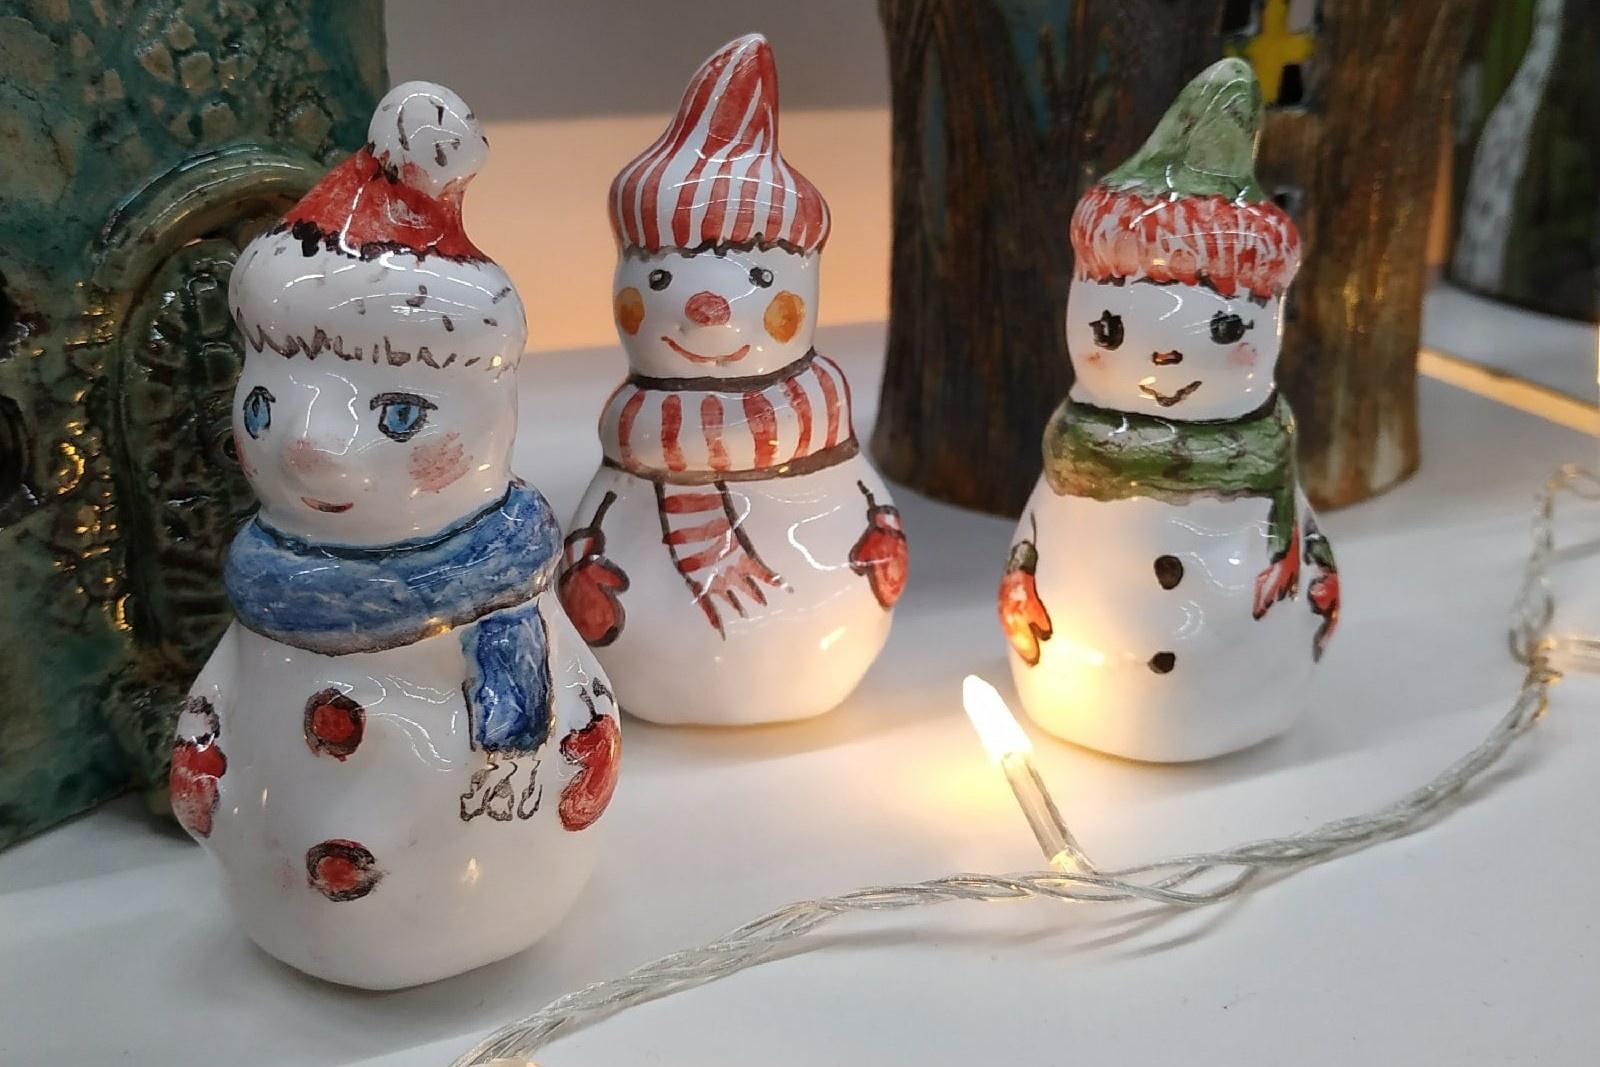 Керамические снеговики нетяжелые, подойдут даже для маленьких елок